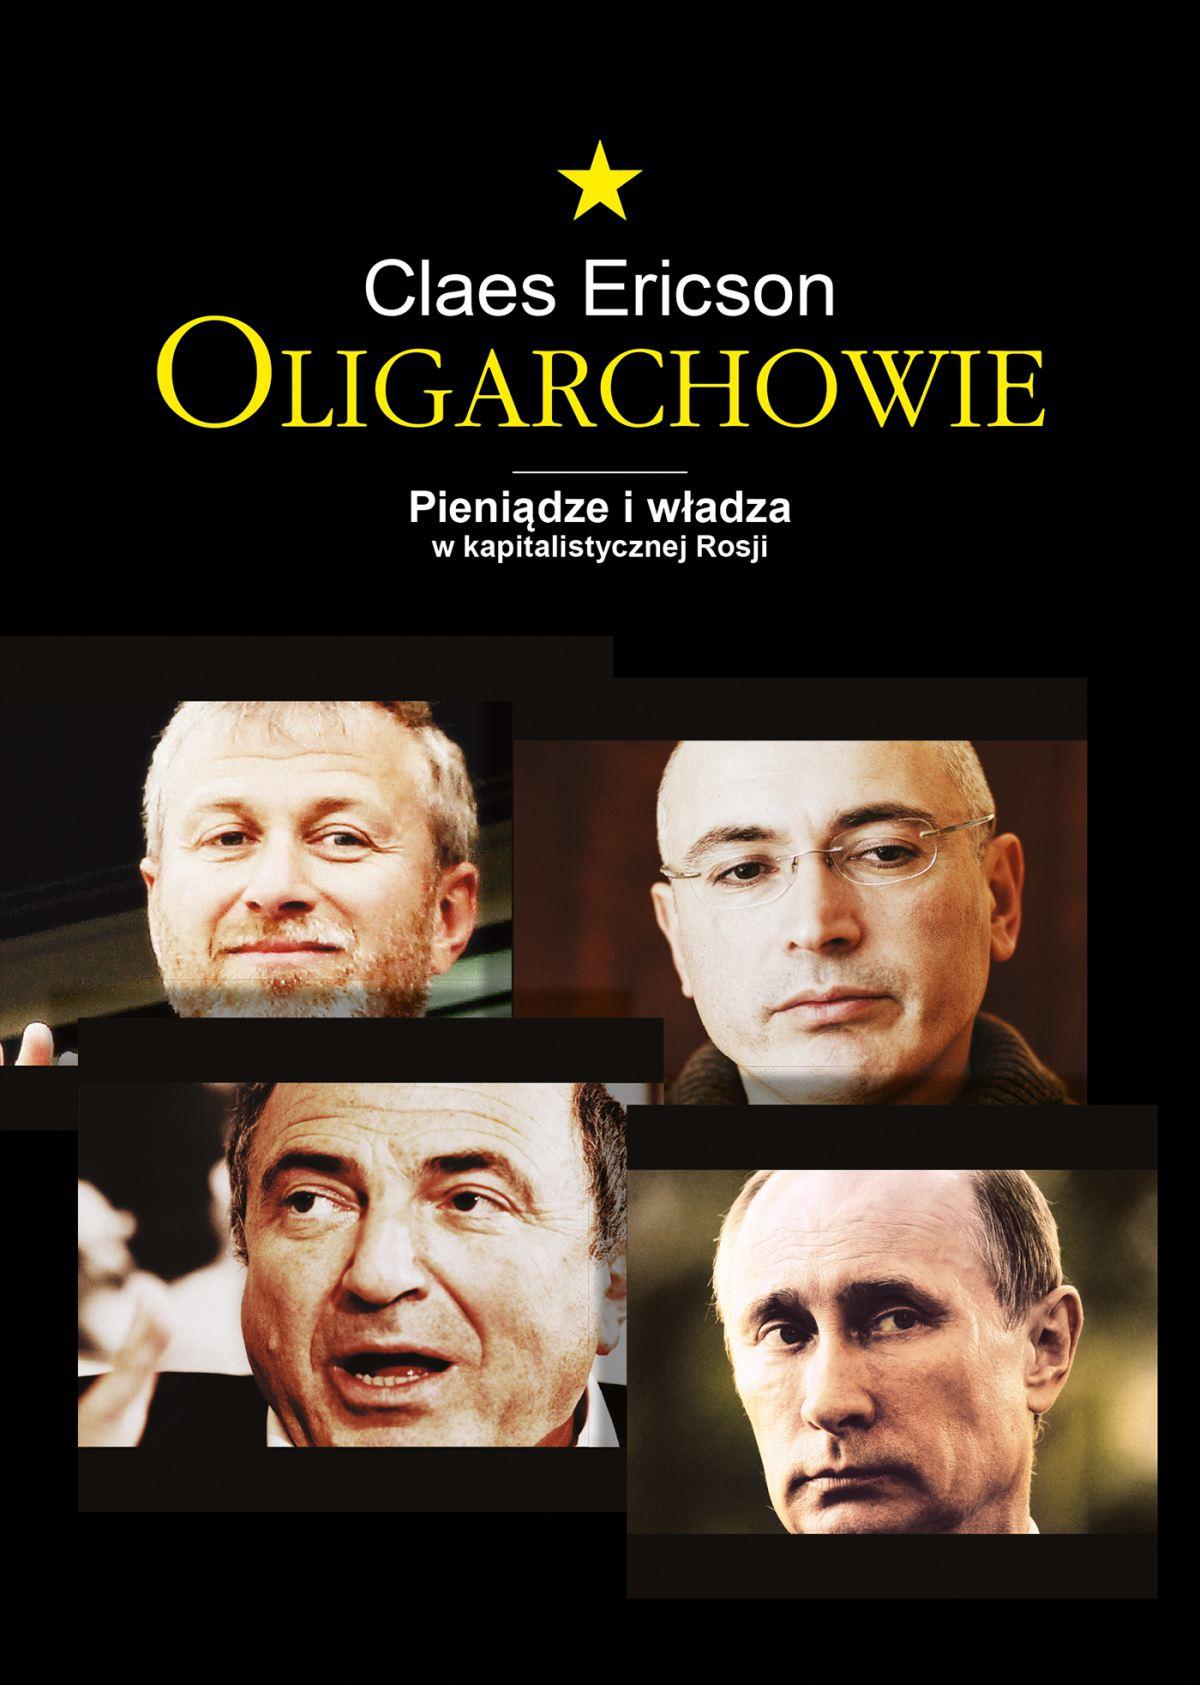 Oligarchowie. Pieniądze i władza w kapitalistycznej Rosji - Ebook (Książka EPUB) do pobrania w formacie EPUB